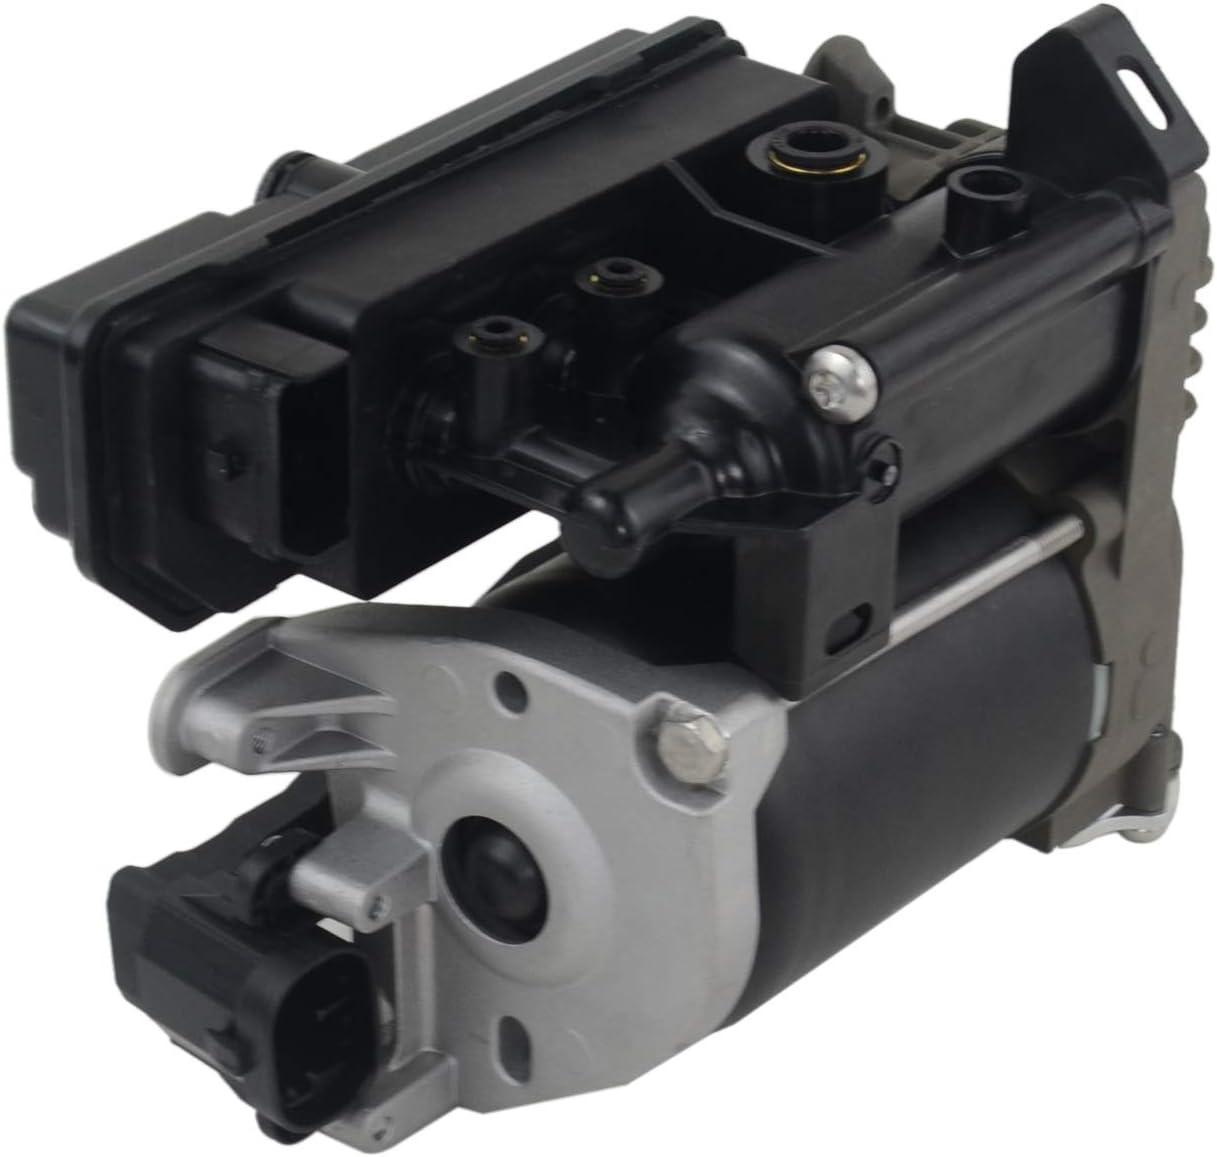 Scsn Neue Kompressorpumpe Luftfederung 9682022980 5277 E5 Auto